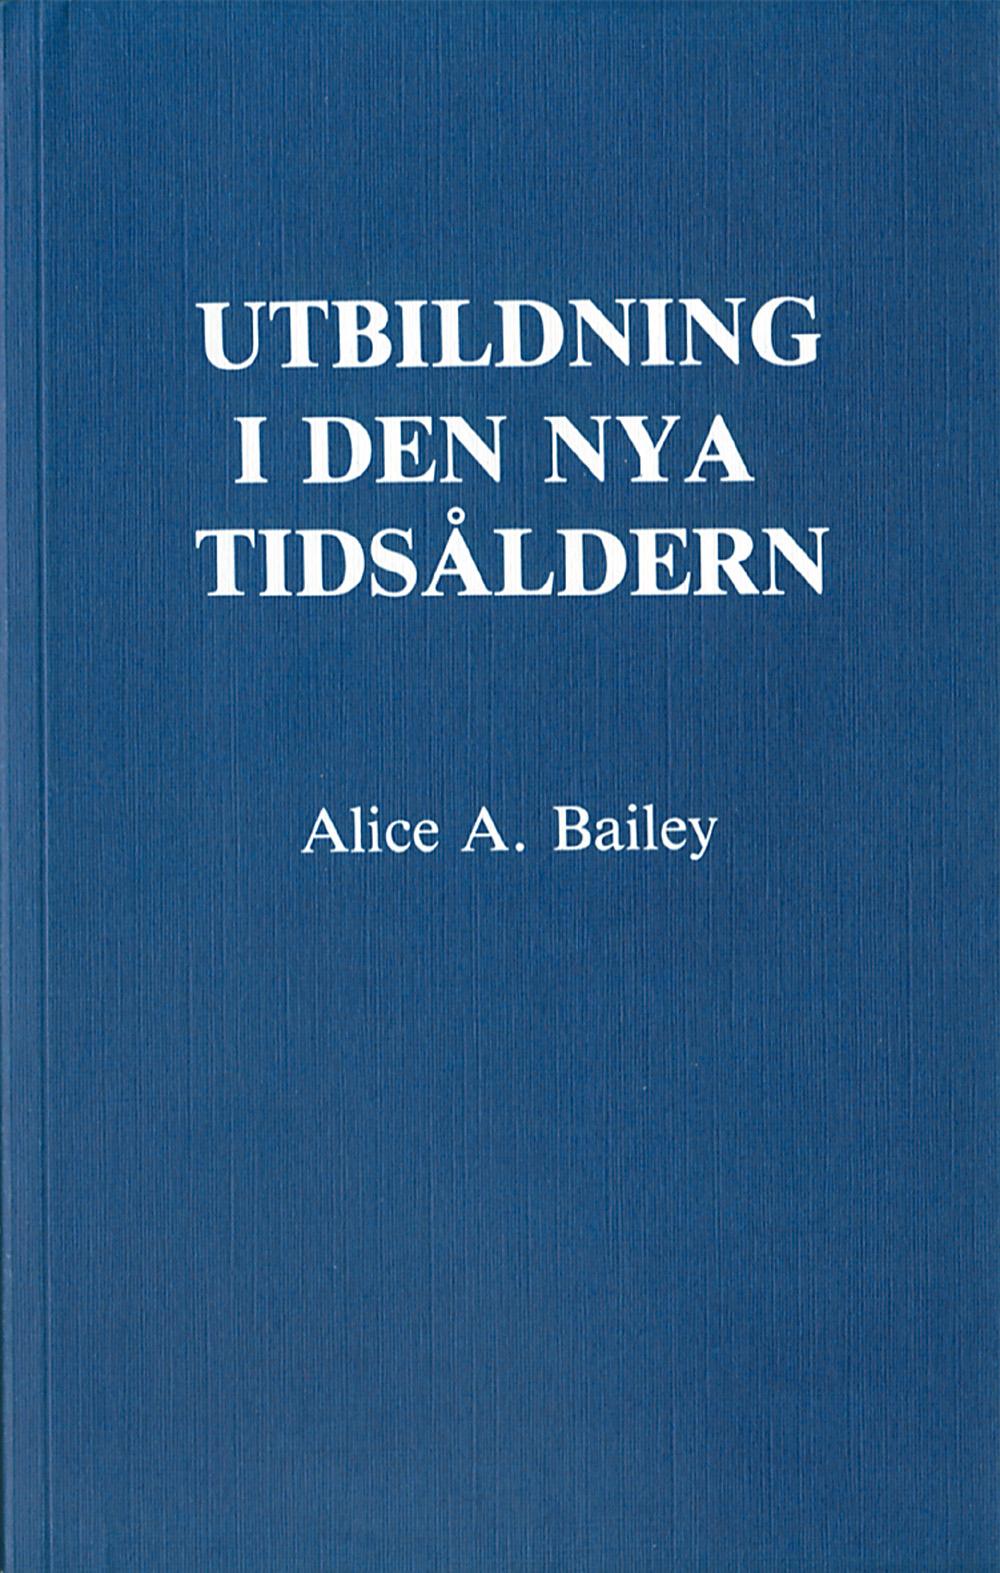 Utbildning i den nya tidsåldern av Alice A Bailey